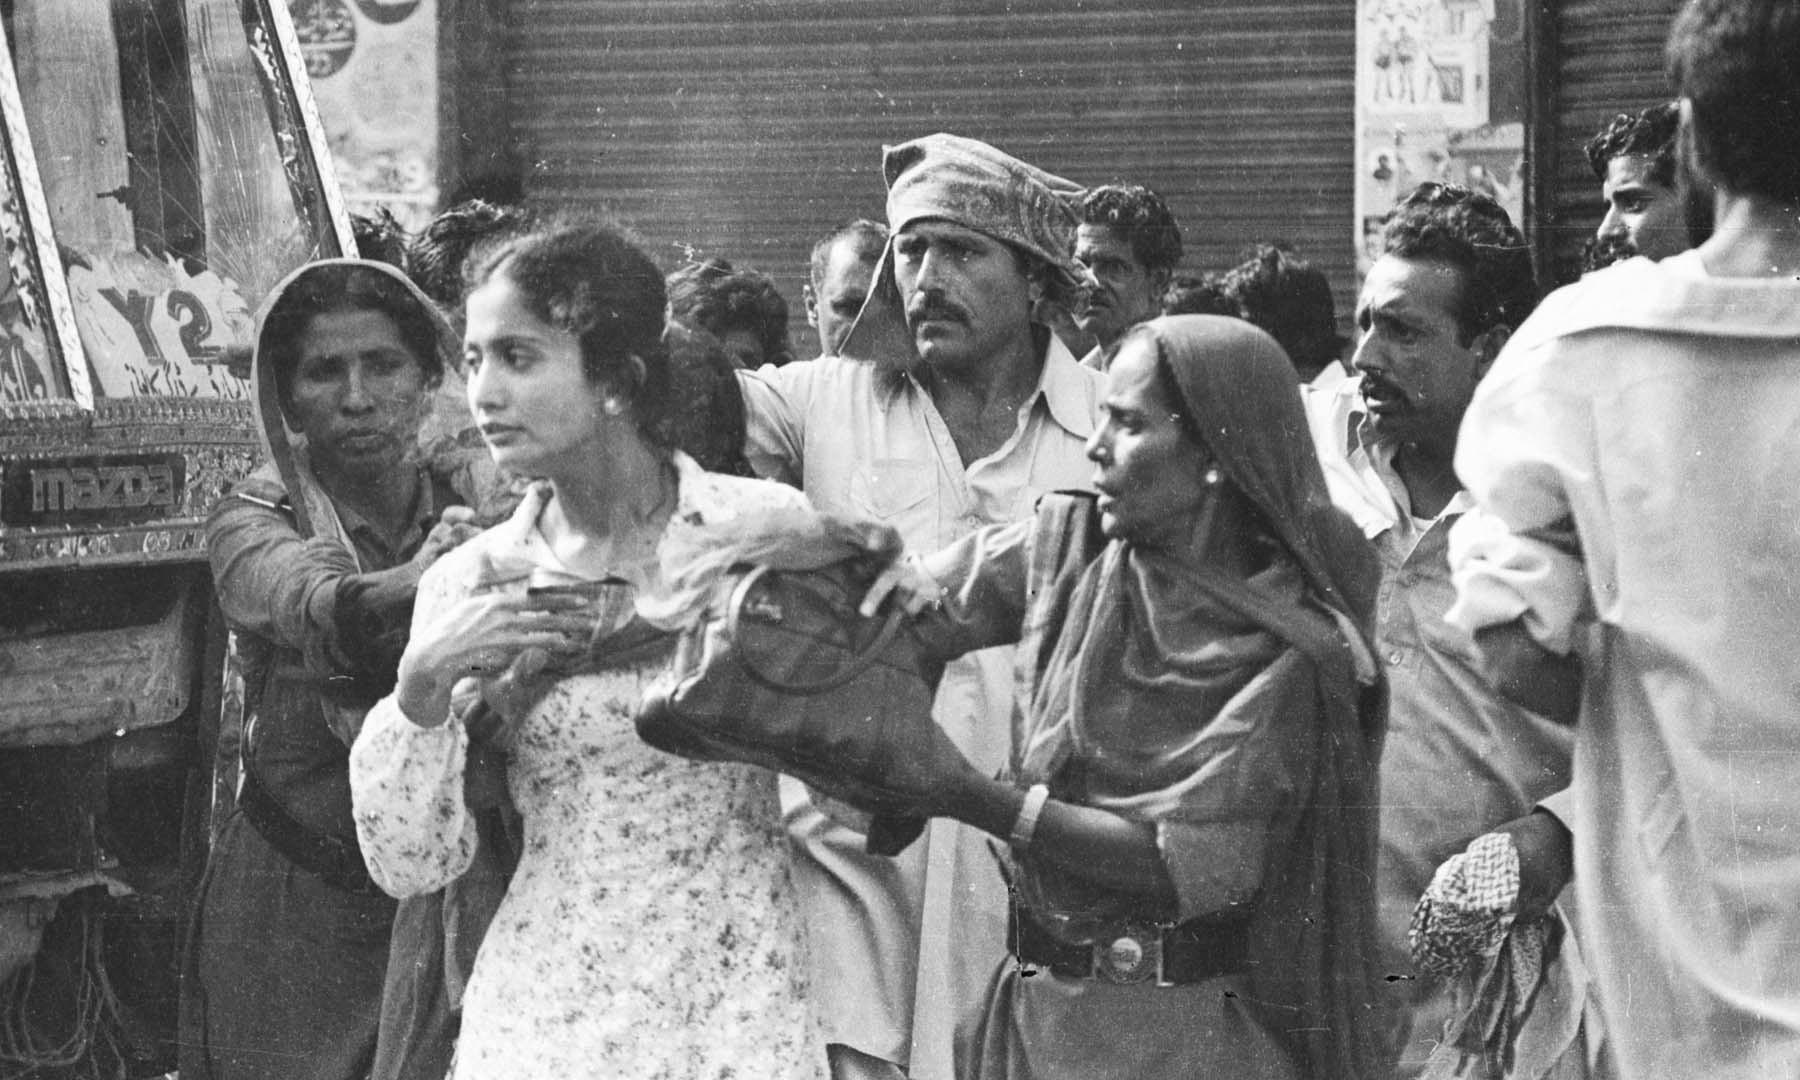 1983ء میں ایم آر ڈی کے کارکنان کو پولیس حراست میں لے رہی ہے—تصویر بشکریہ سینئر فوٹوجرنلسٹ زاہد حسین